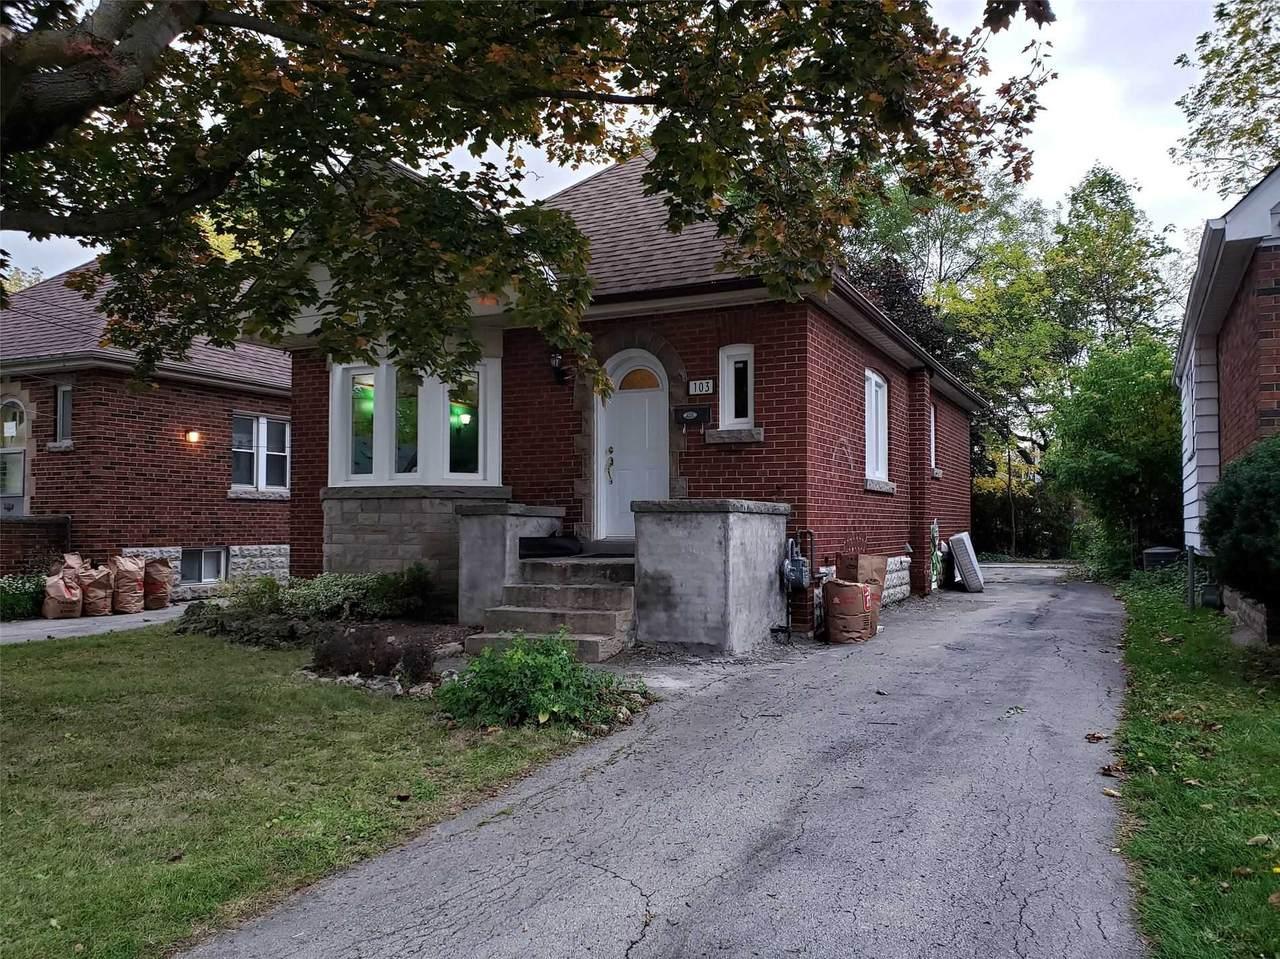 103 Haddon Ave - Photo 1